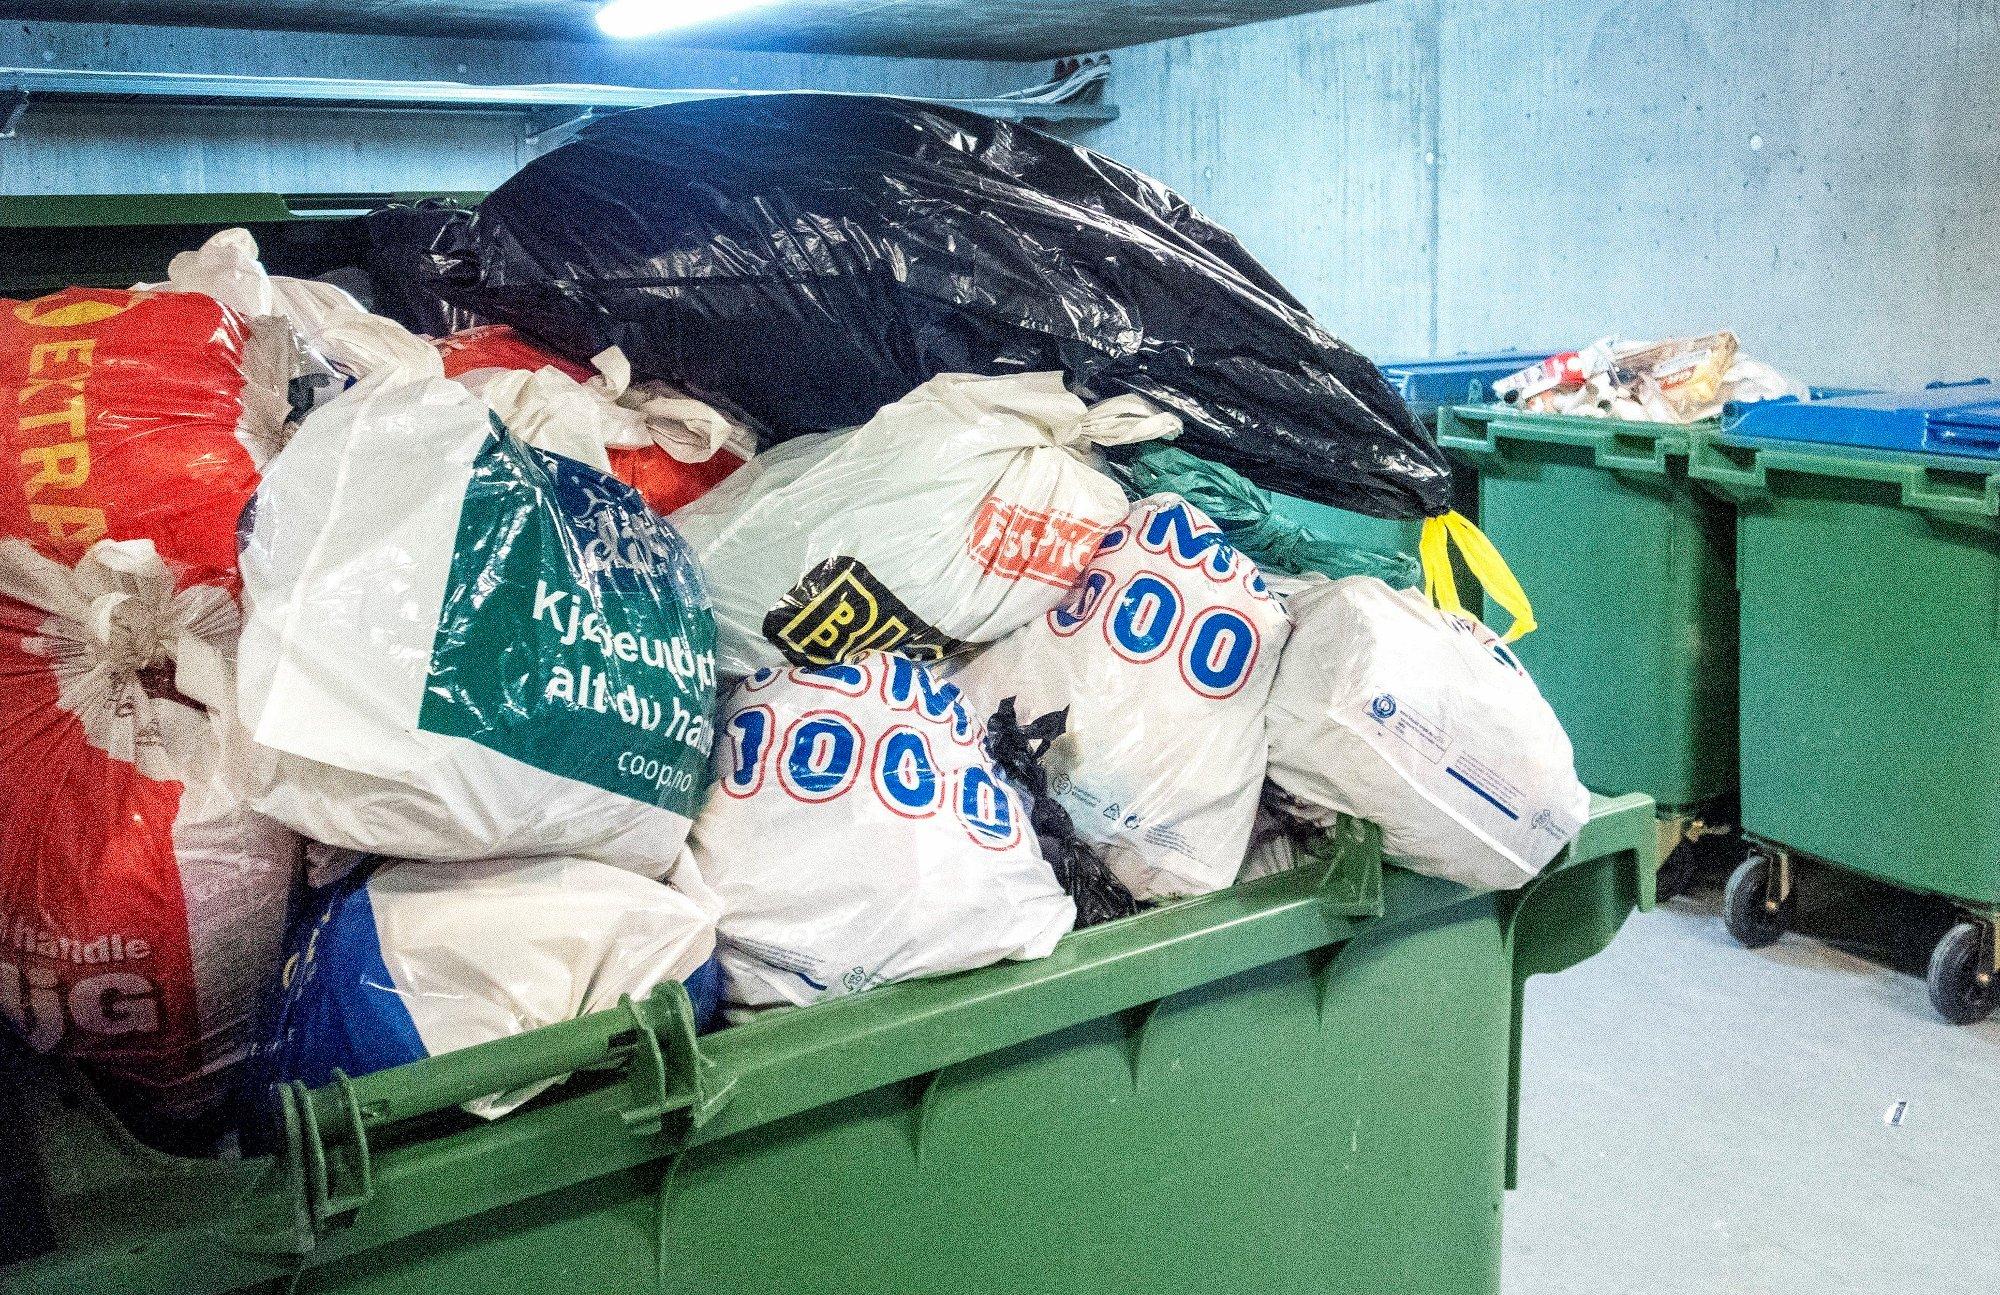 Katastrofe-tall for resirkulering i Norge: – Vi må knuse vårt eget selvbilde